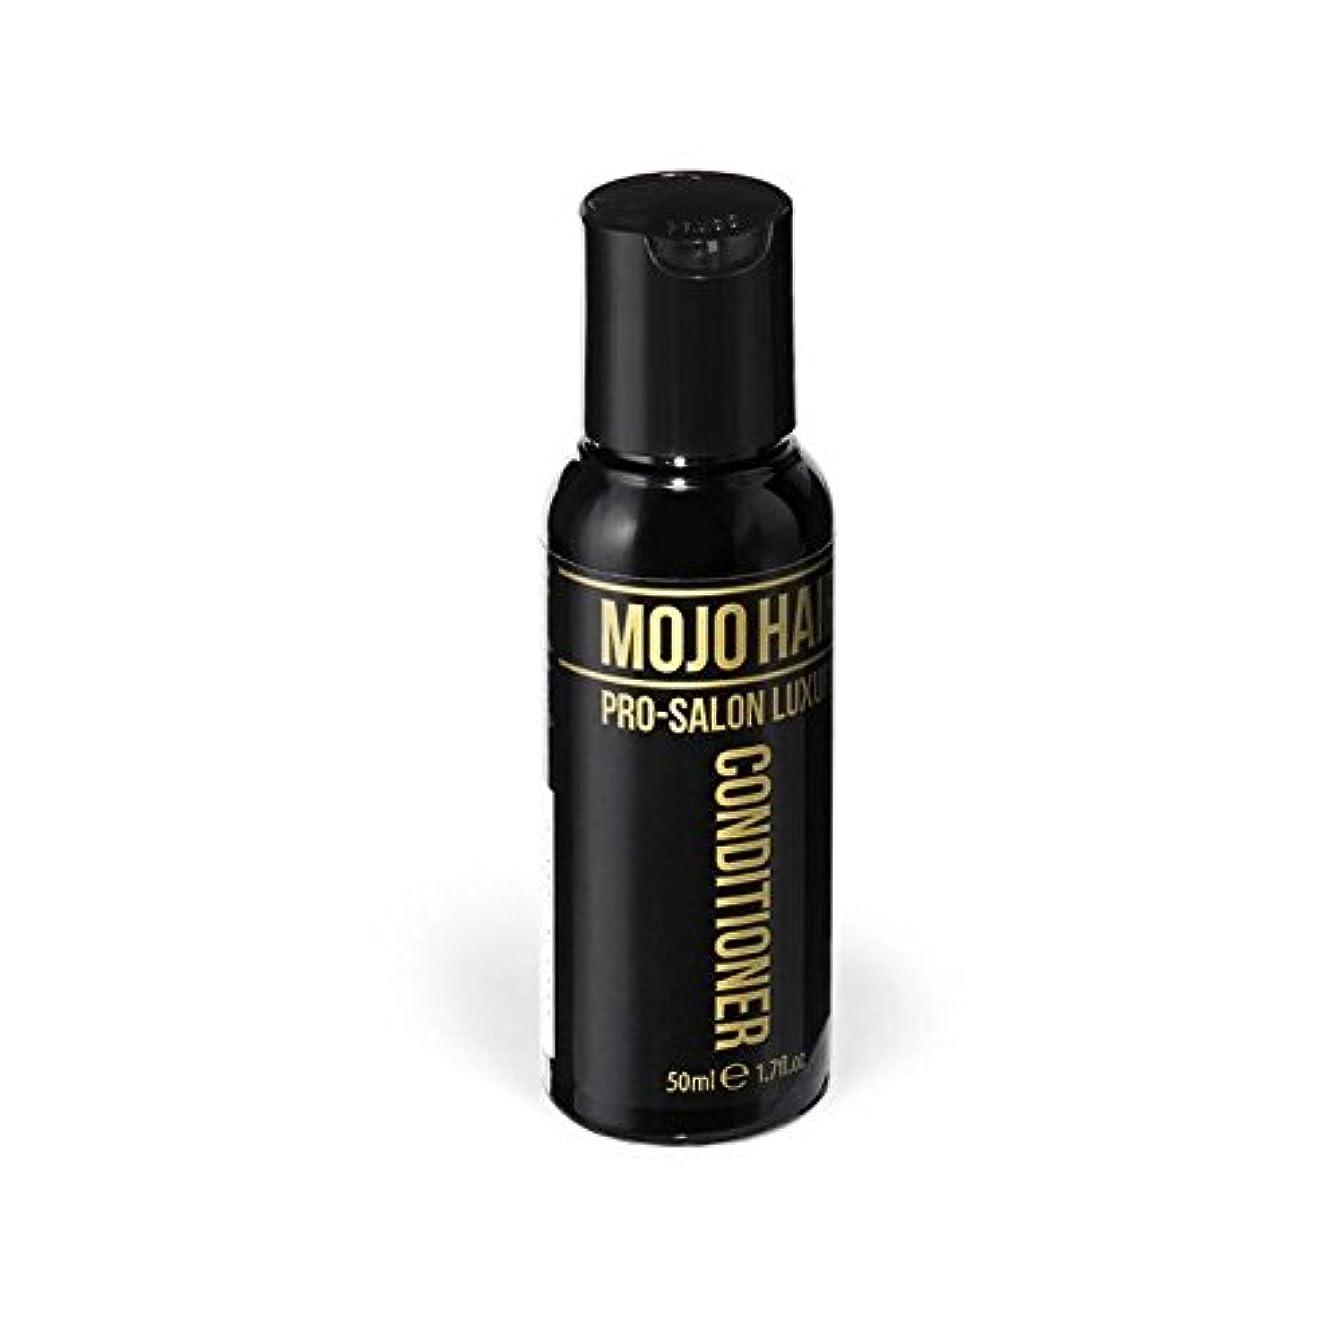 崩壊瞳邪悪なモジョの毛プロのサロンの贅沢なコンディショナー(50ミリリットル) x2 - Mojo Hair Pro-Salon Luxury Conditioner (50ml) (Pack of 2) [並行輸入品]